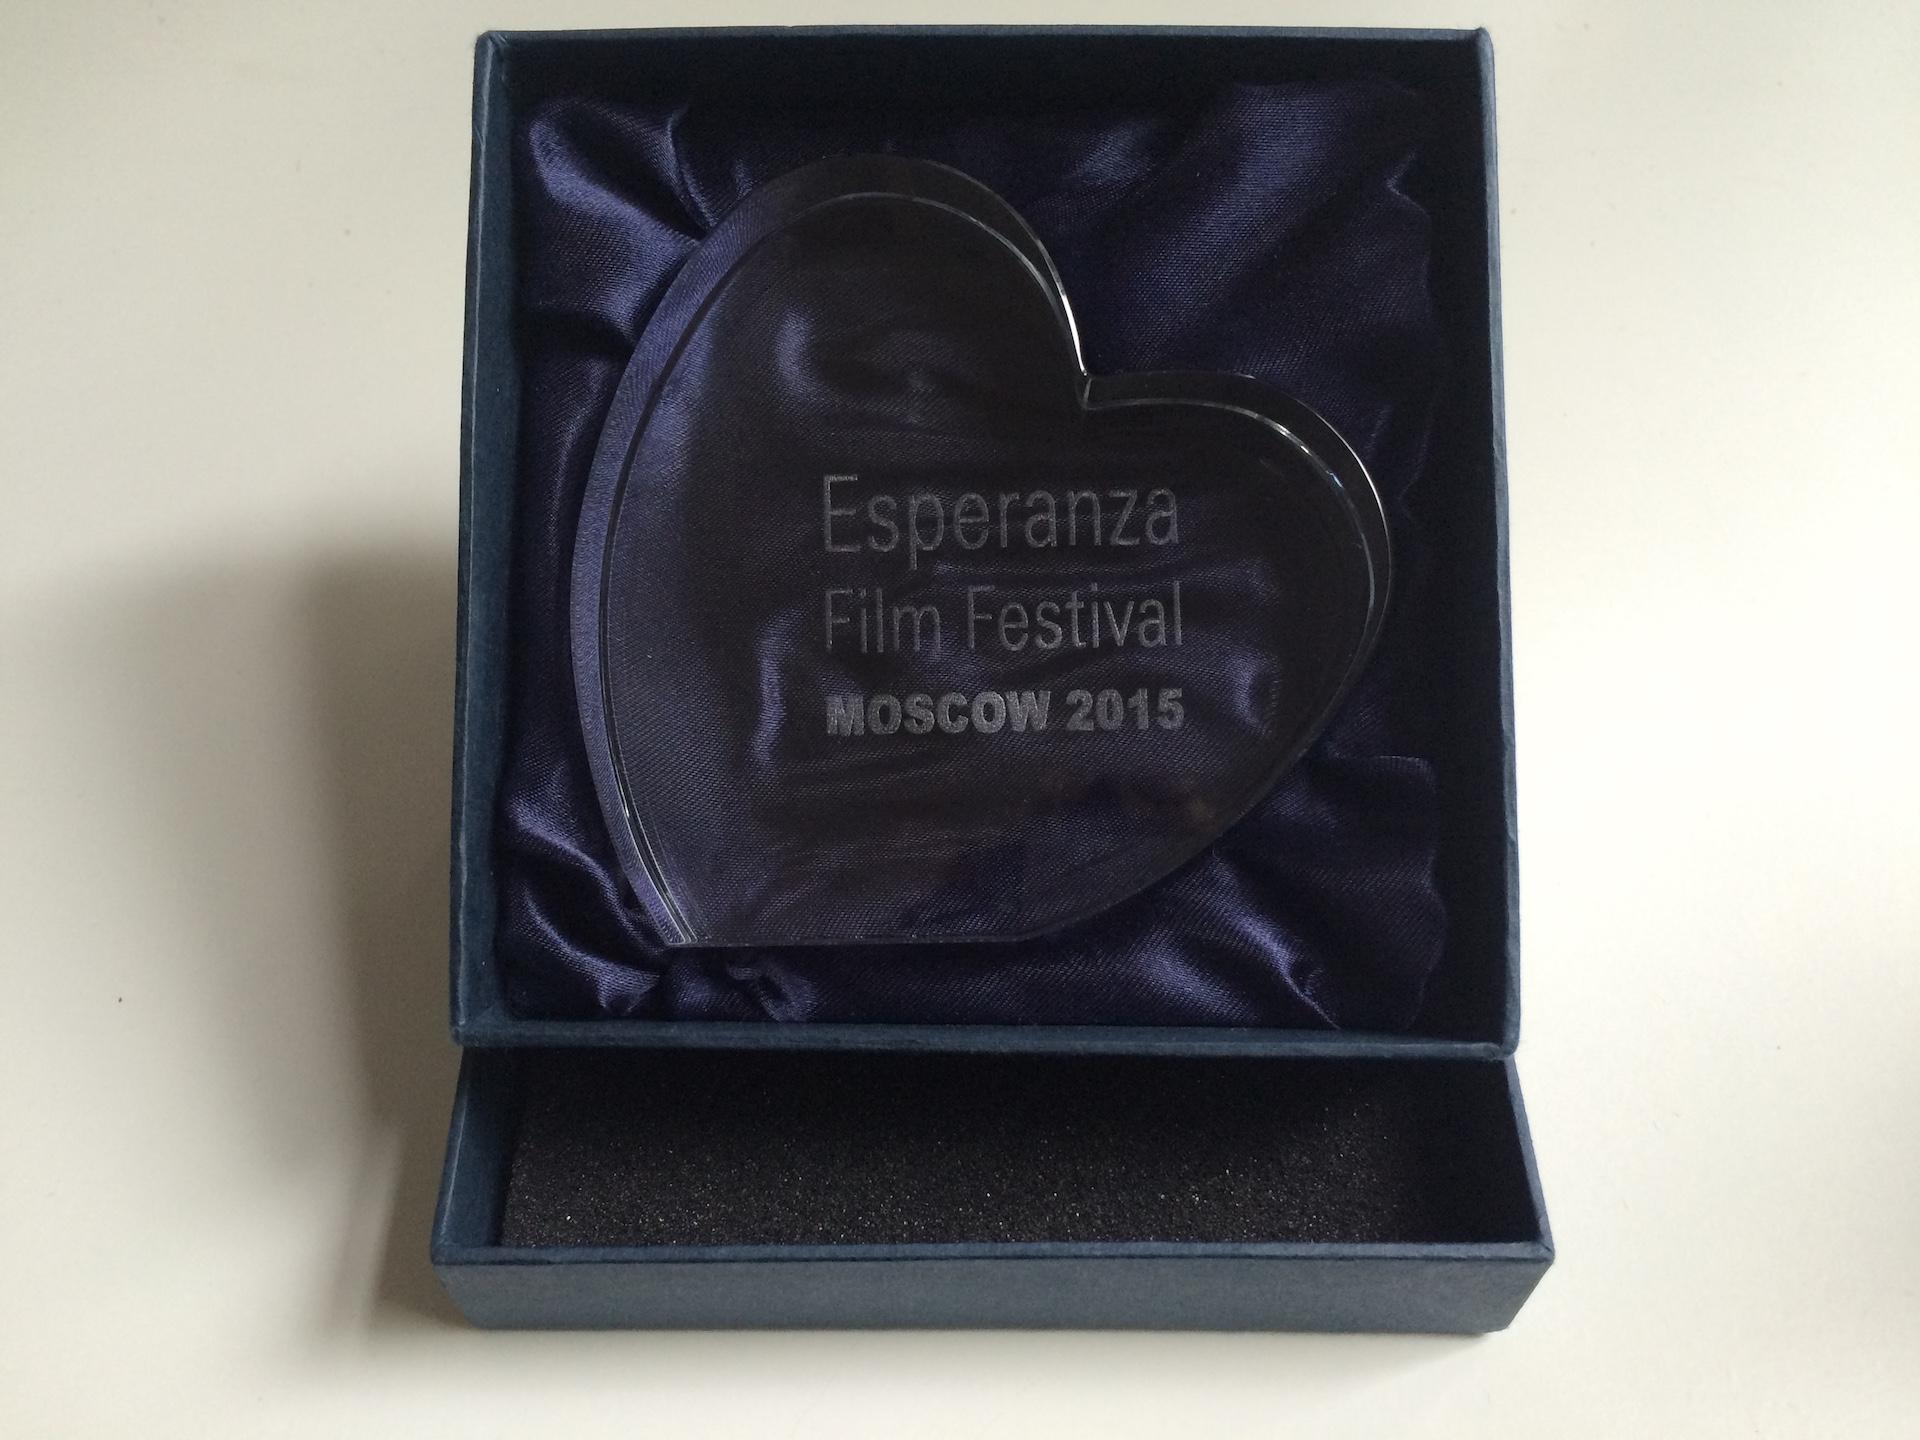 Esperanza_Award